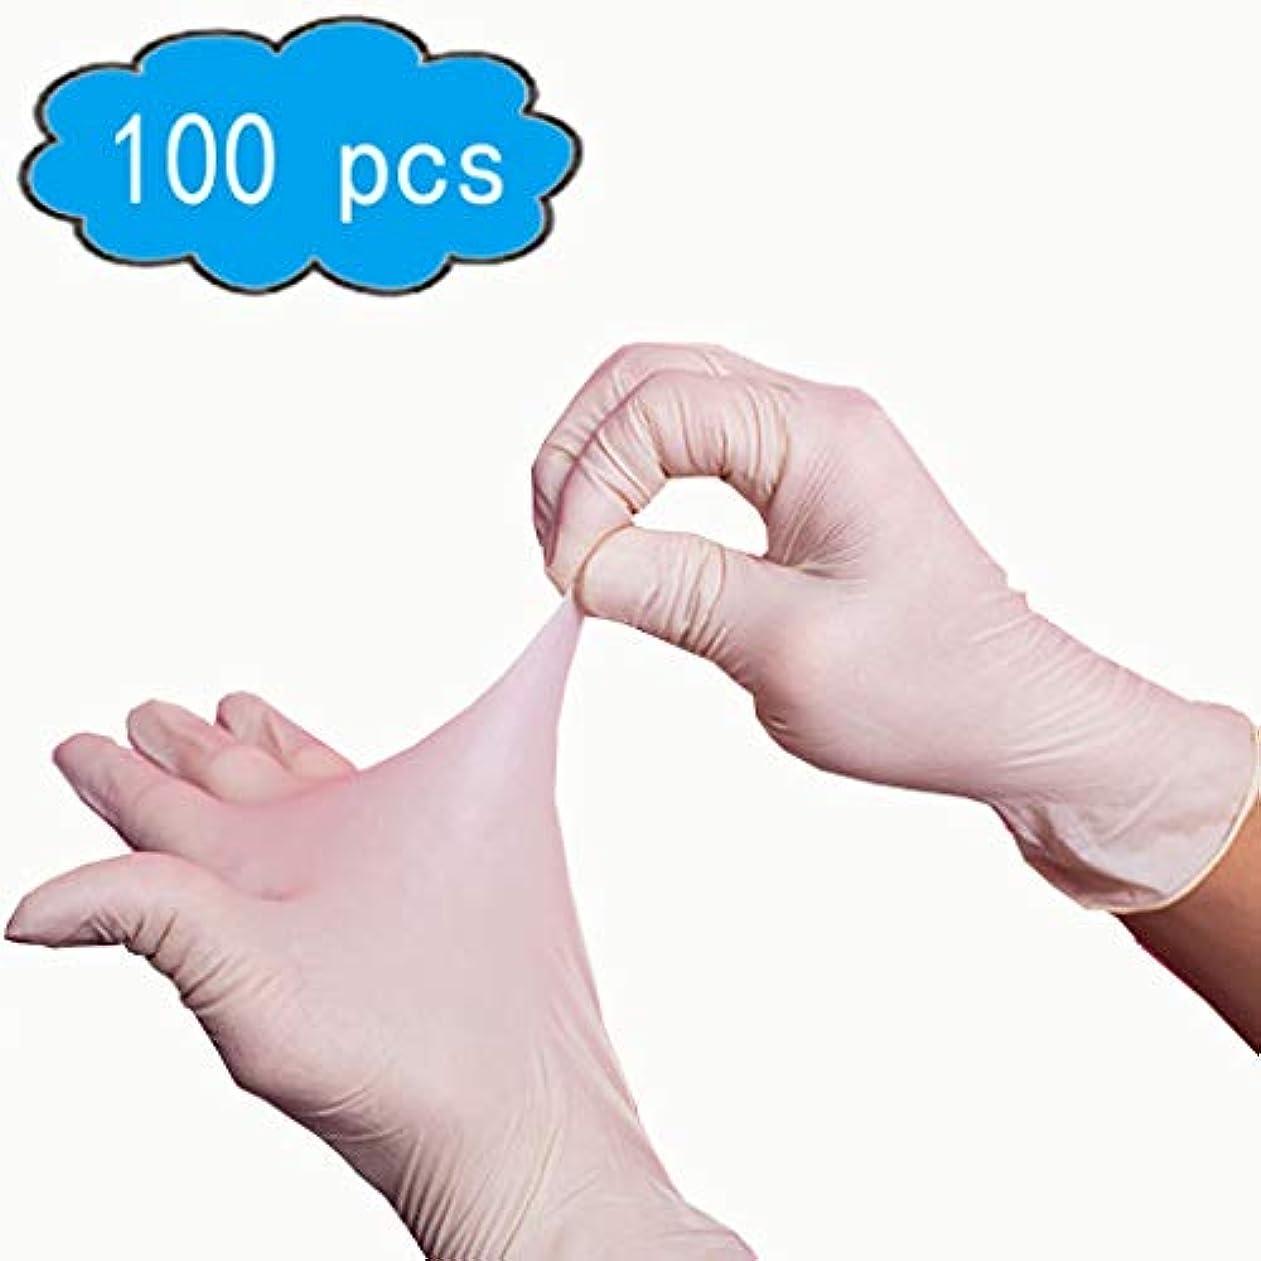 賢明な先何十人もゴム手袋パウダーフリー/使い捨て食品調理用手袋/キッチンフードサービスクリーニンググローブサイズミディアム、100個入り、応急処置用品、サニタリー手袋 (Color : White, Size : L)